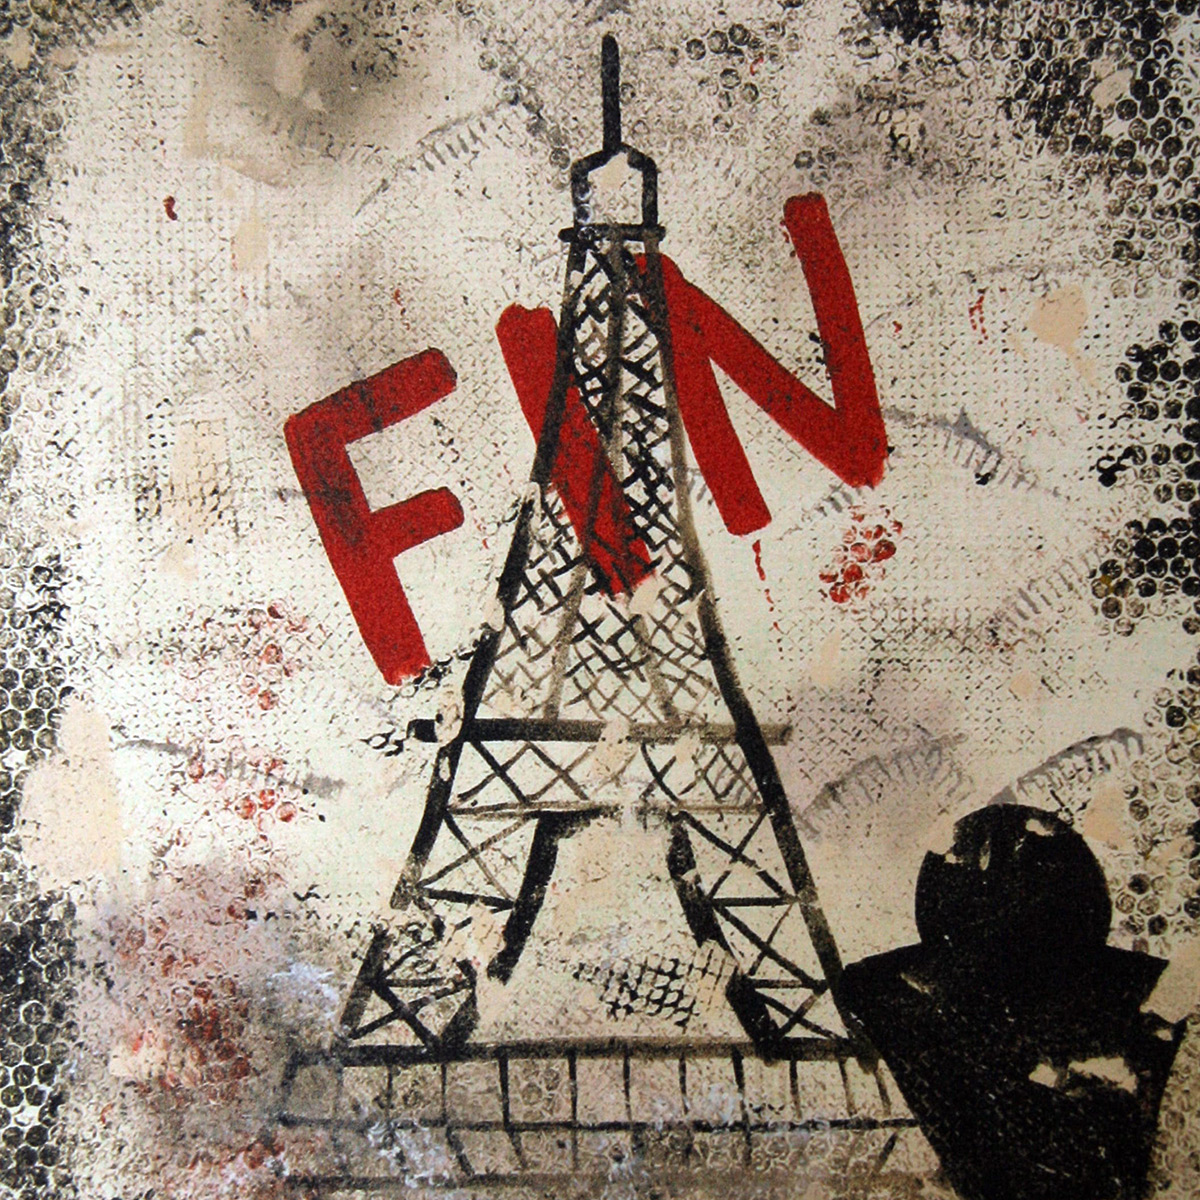 2013 - Fin - Edition 10